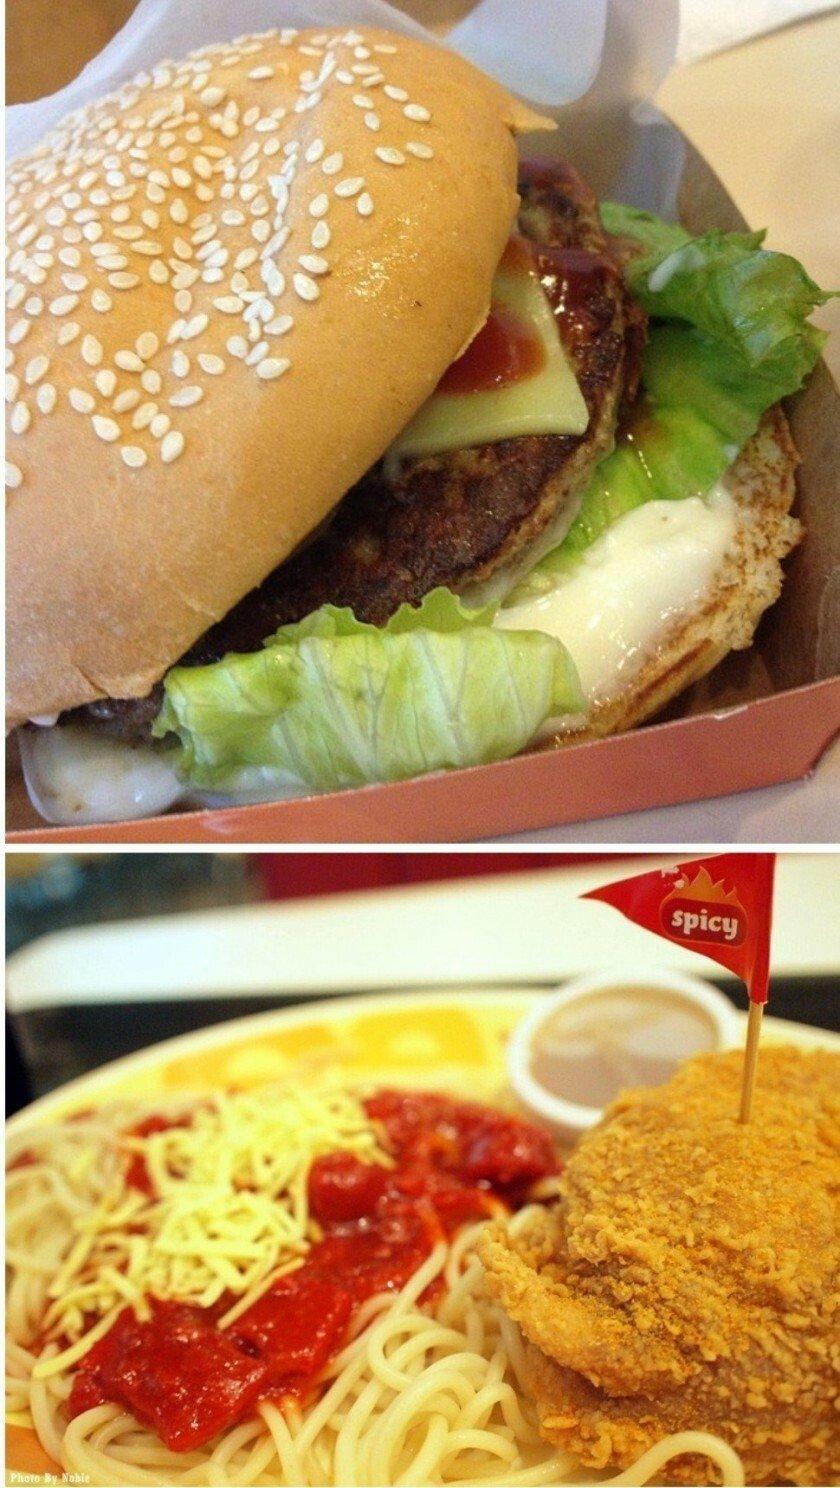 006.jpg 맥도날드가 필리핀을 정복하지 못한 이유